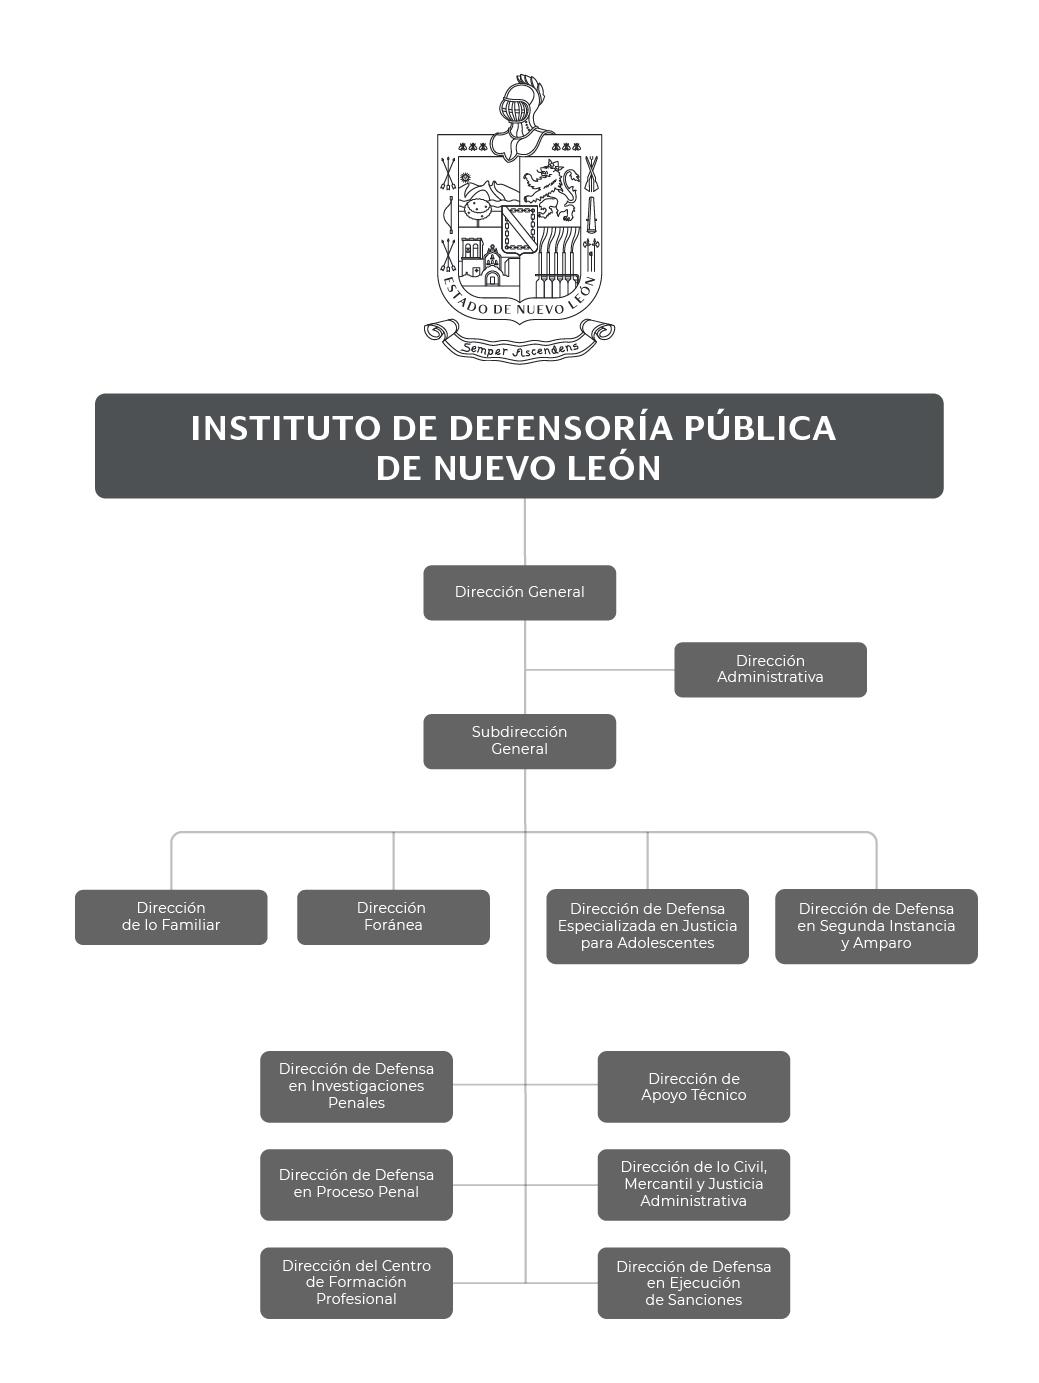 Organigrama del Instituto de Defensoría Pública de Nuevo León